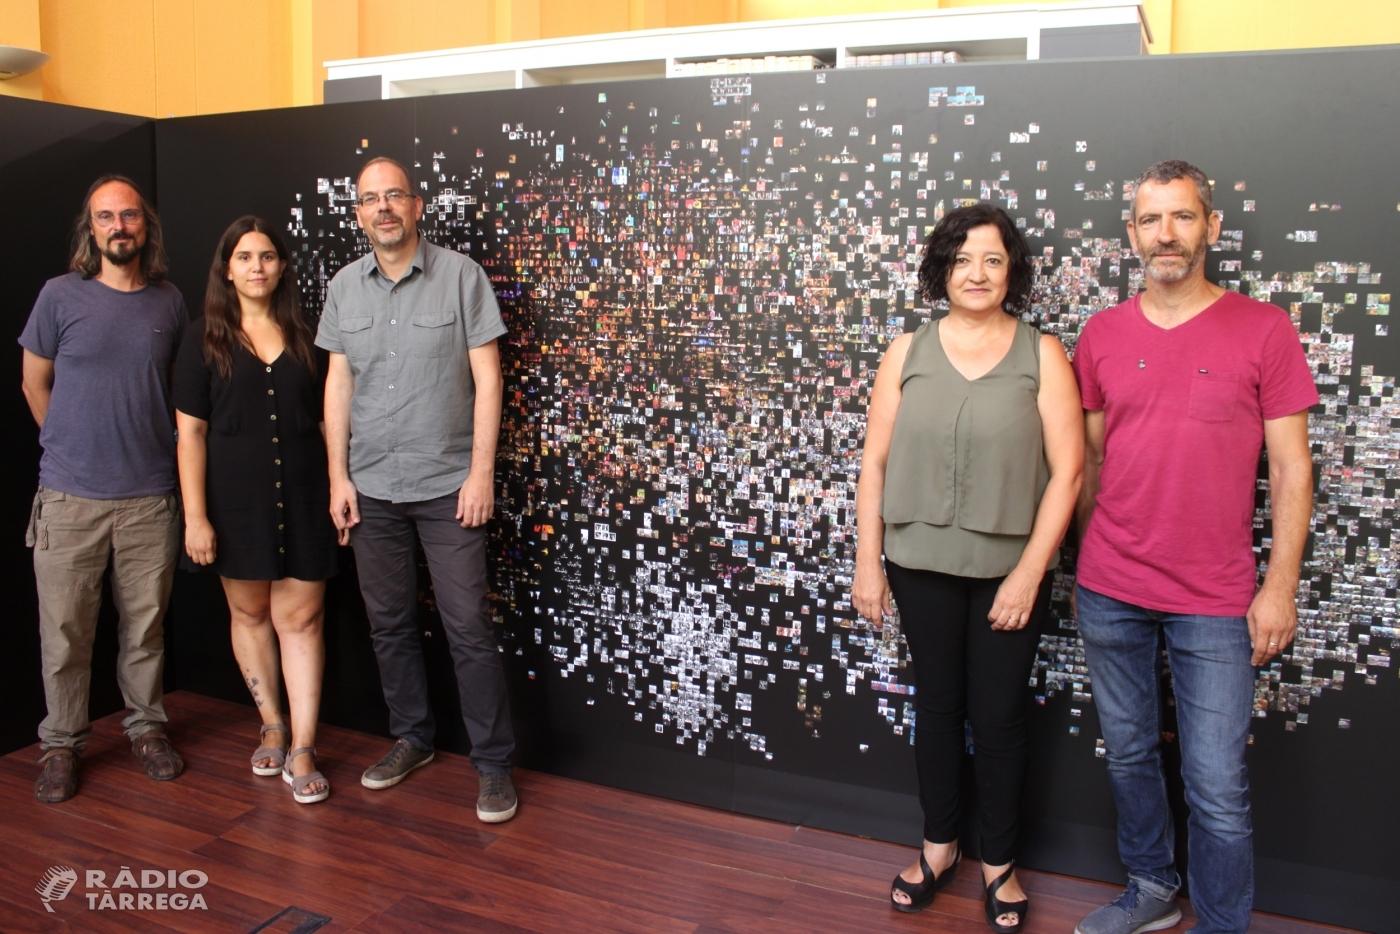 L'artista Pilar Rosado realitza un fotomosaic amb 16.000 imatges històriques de FiraTàrrega que exhibirà a l'Arxiu Comarcal de l'Urgell a partir del 5 de setembre